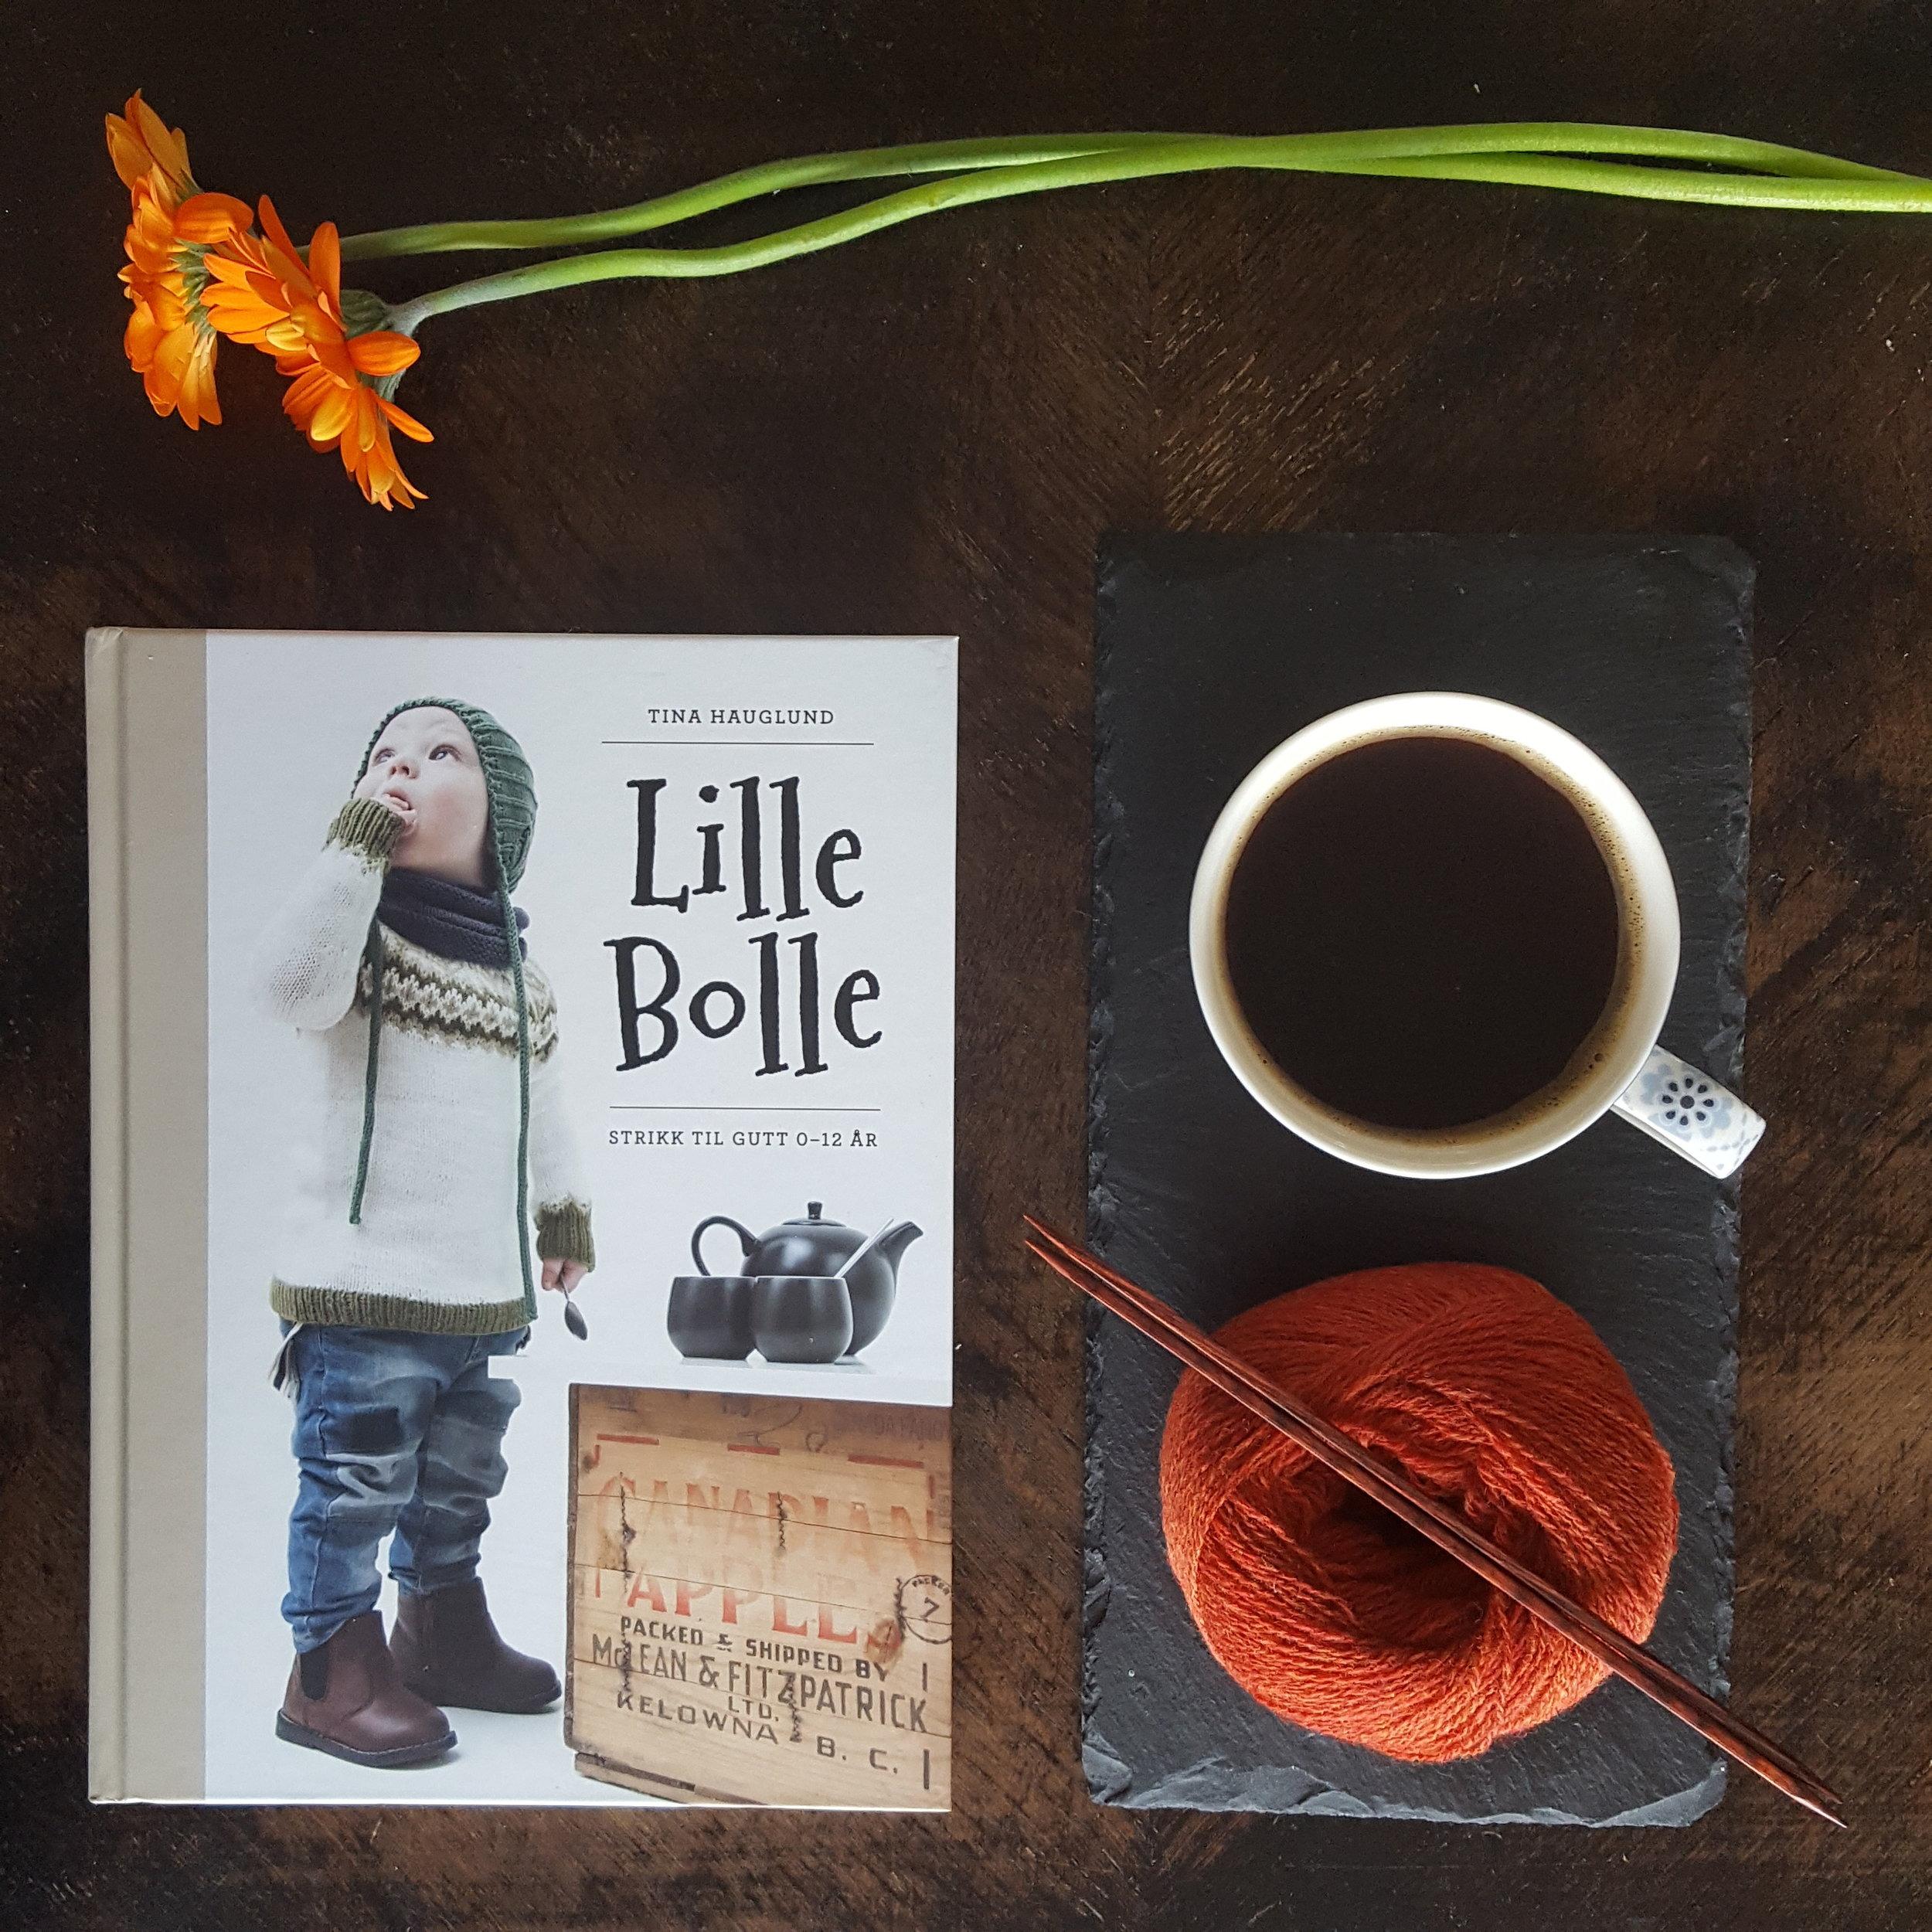 Eksempel : Bok i miljo. Varme farger, garn og kaffe rundt boken indikerer kos - hygge - ro. Litt hyttestemning? Blomster frisker opp og henter opp det grønne i bokomslaget. Stein, tre, papir, garn og blomster gir varierte strukturer.